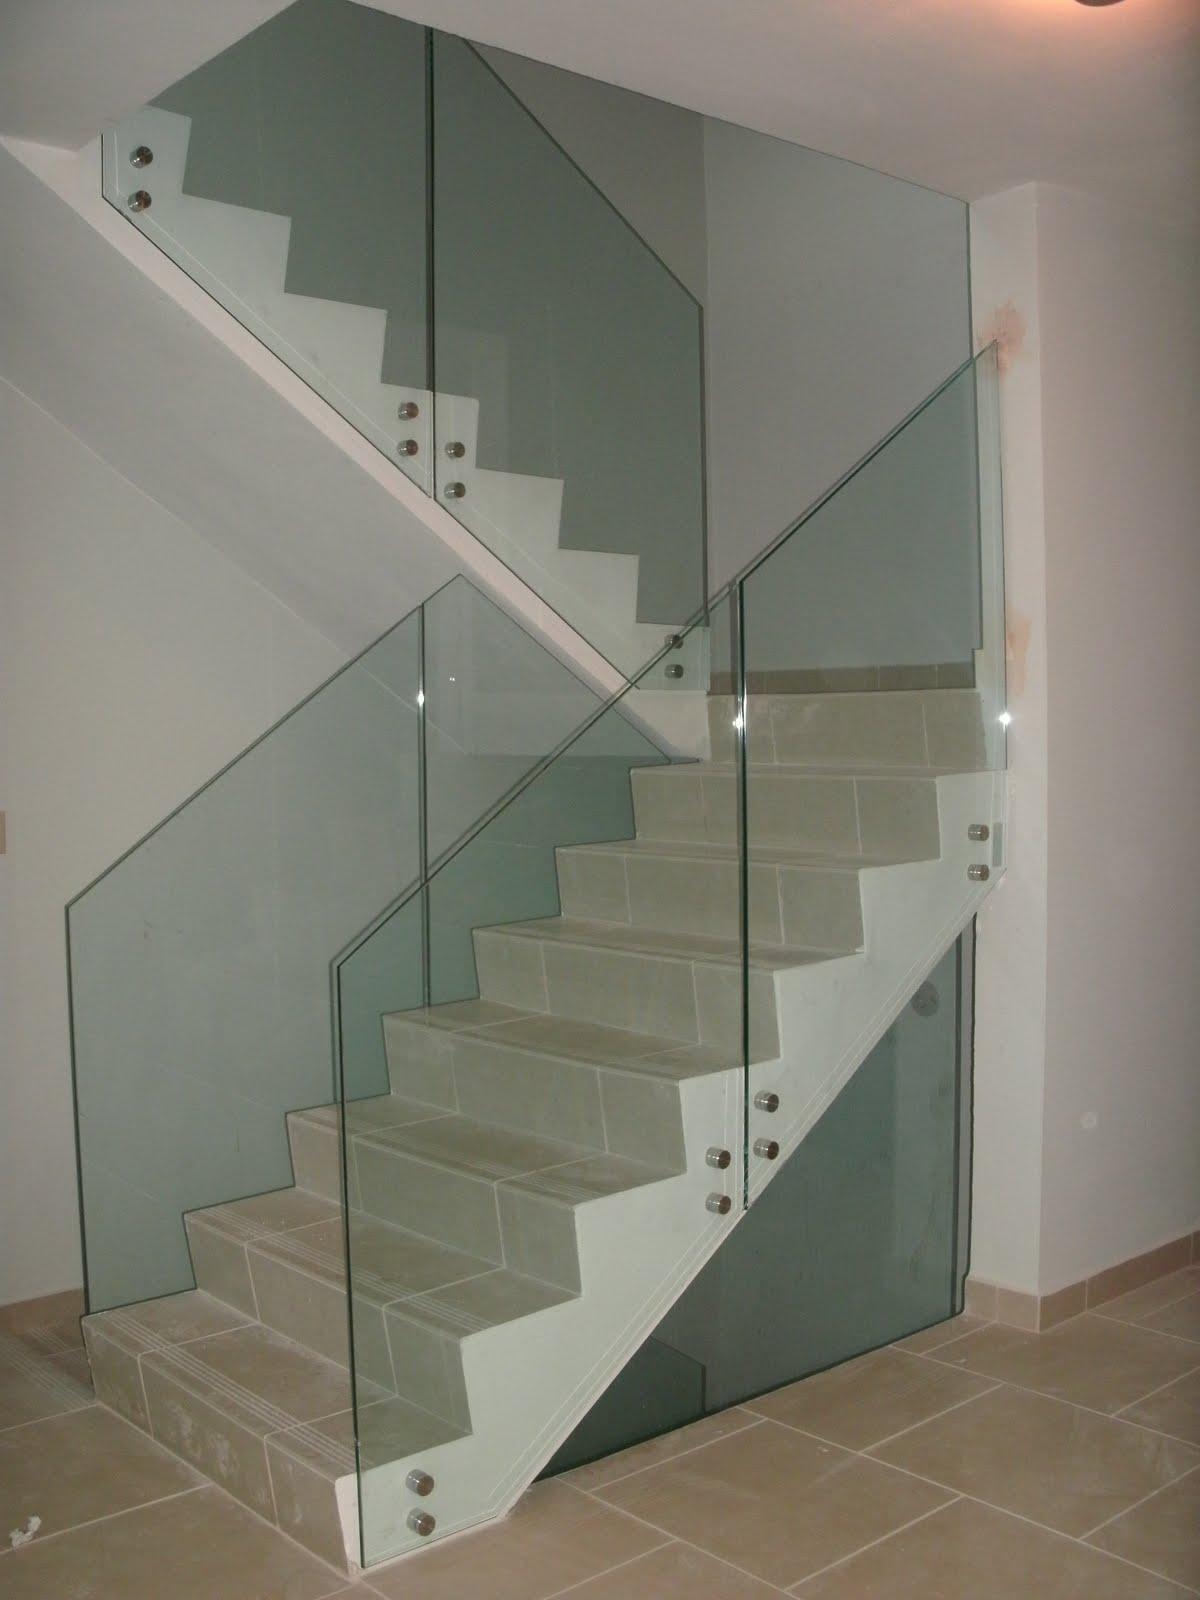 Cristaleria internacional pasamanos en stainless steel con cristal - Escaleras con cristal ...